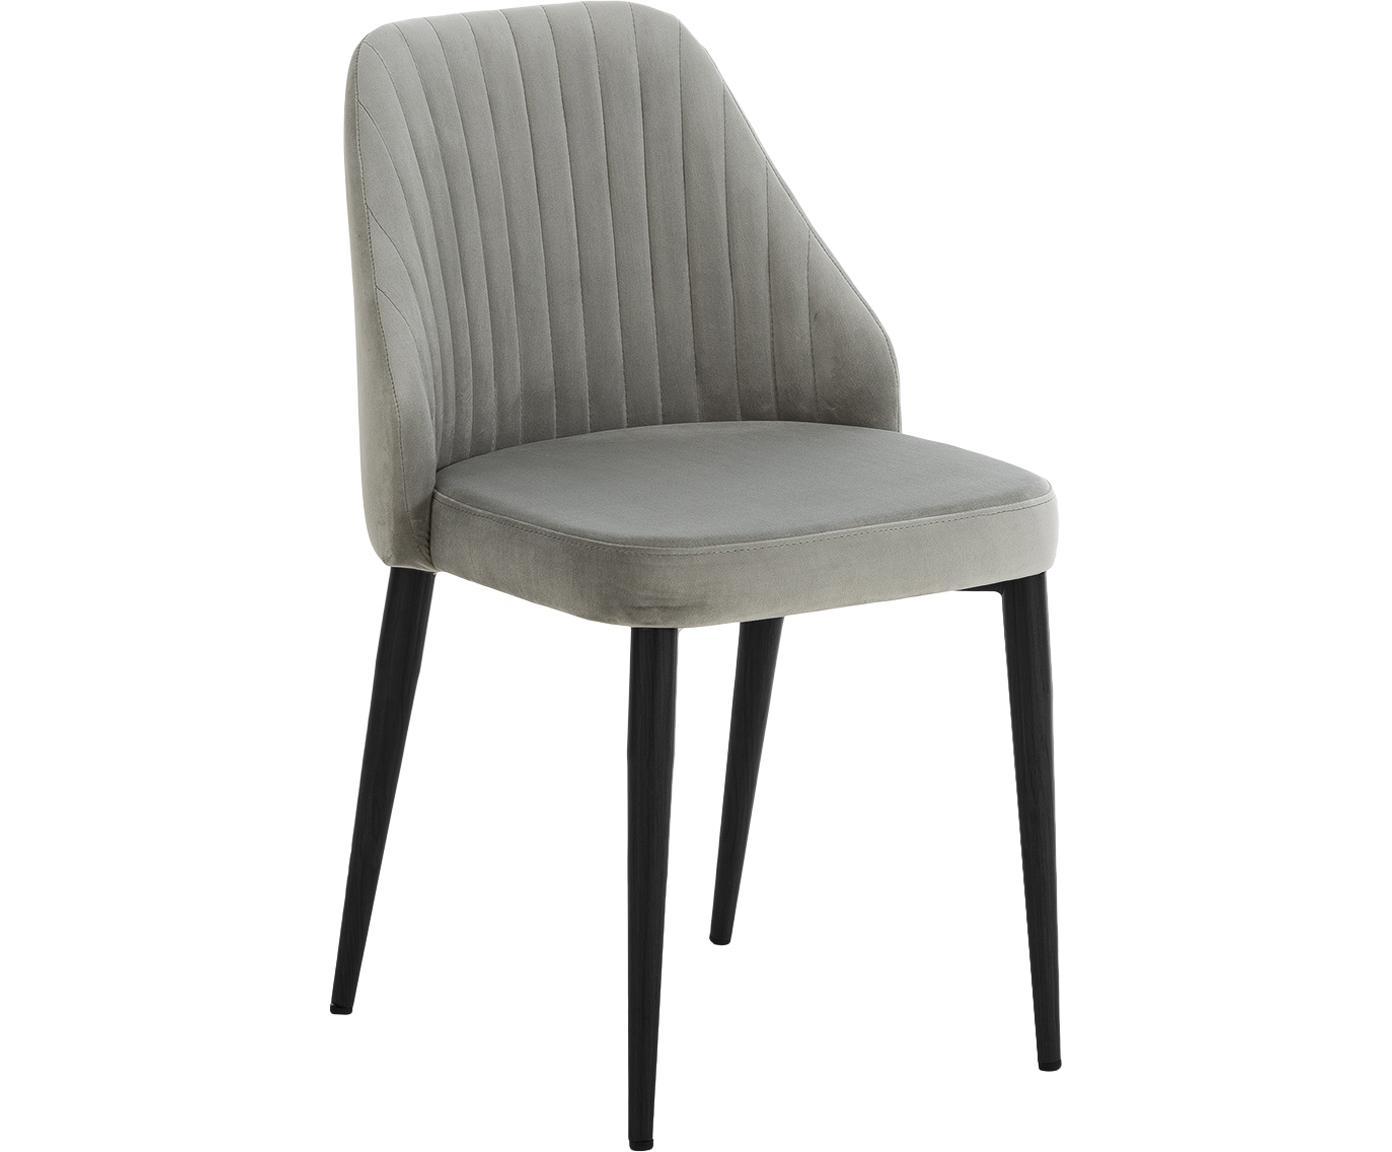 Krzesło tapicerowane z aksamitu Lucie, 2 szt., Tapicerka: aksamit (100% poliester), Nogi: metal o wyglądzie drewna , Tapicerka: szary Nogi: imitacja  drewna orzechowego, S 45 x G 57 cm